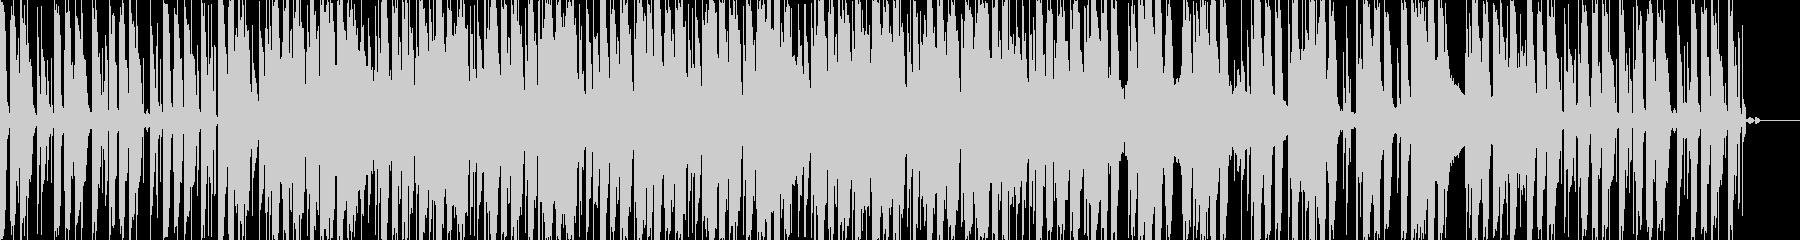 BGMとして使えるミステリアスEDMの未再生の波形